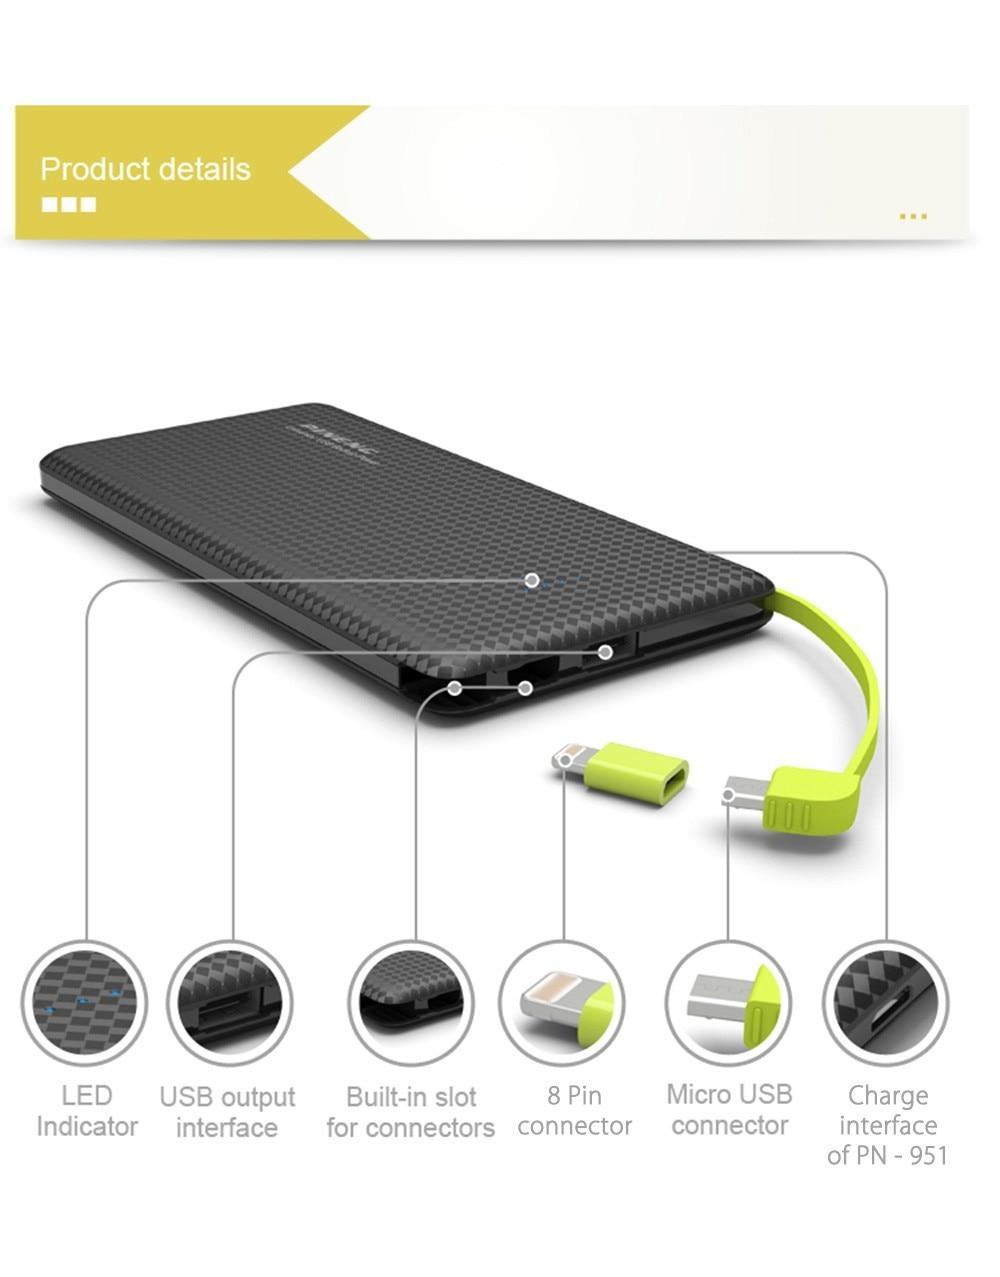 PINENG PN 951 10000 mAh Mobile Portatile della Banca di Potere Caricabatterie Integrato Nel Cavo di Ricarica Caricabatteria Esterno